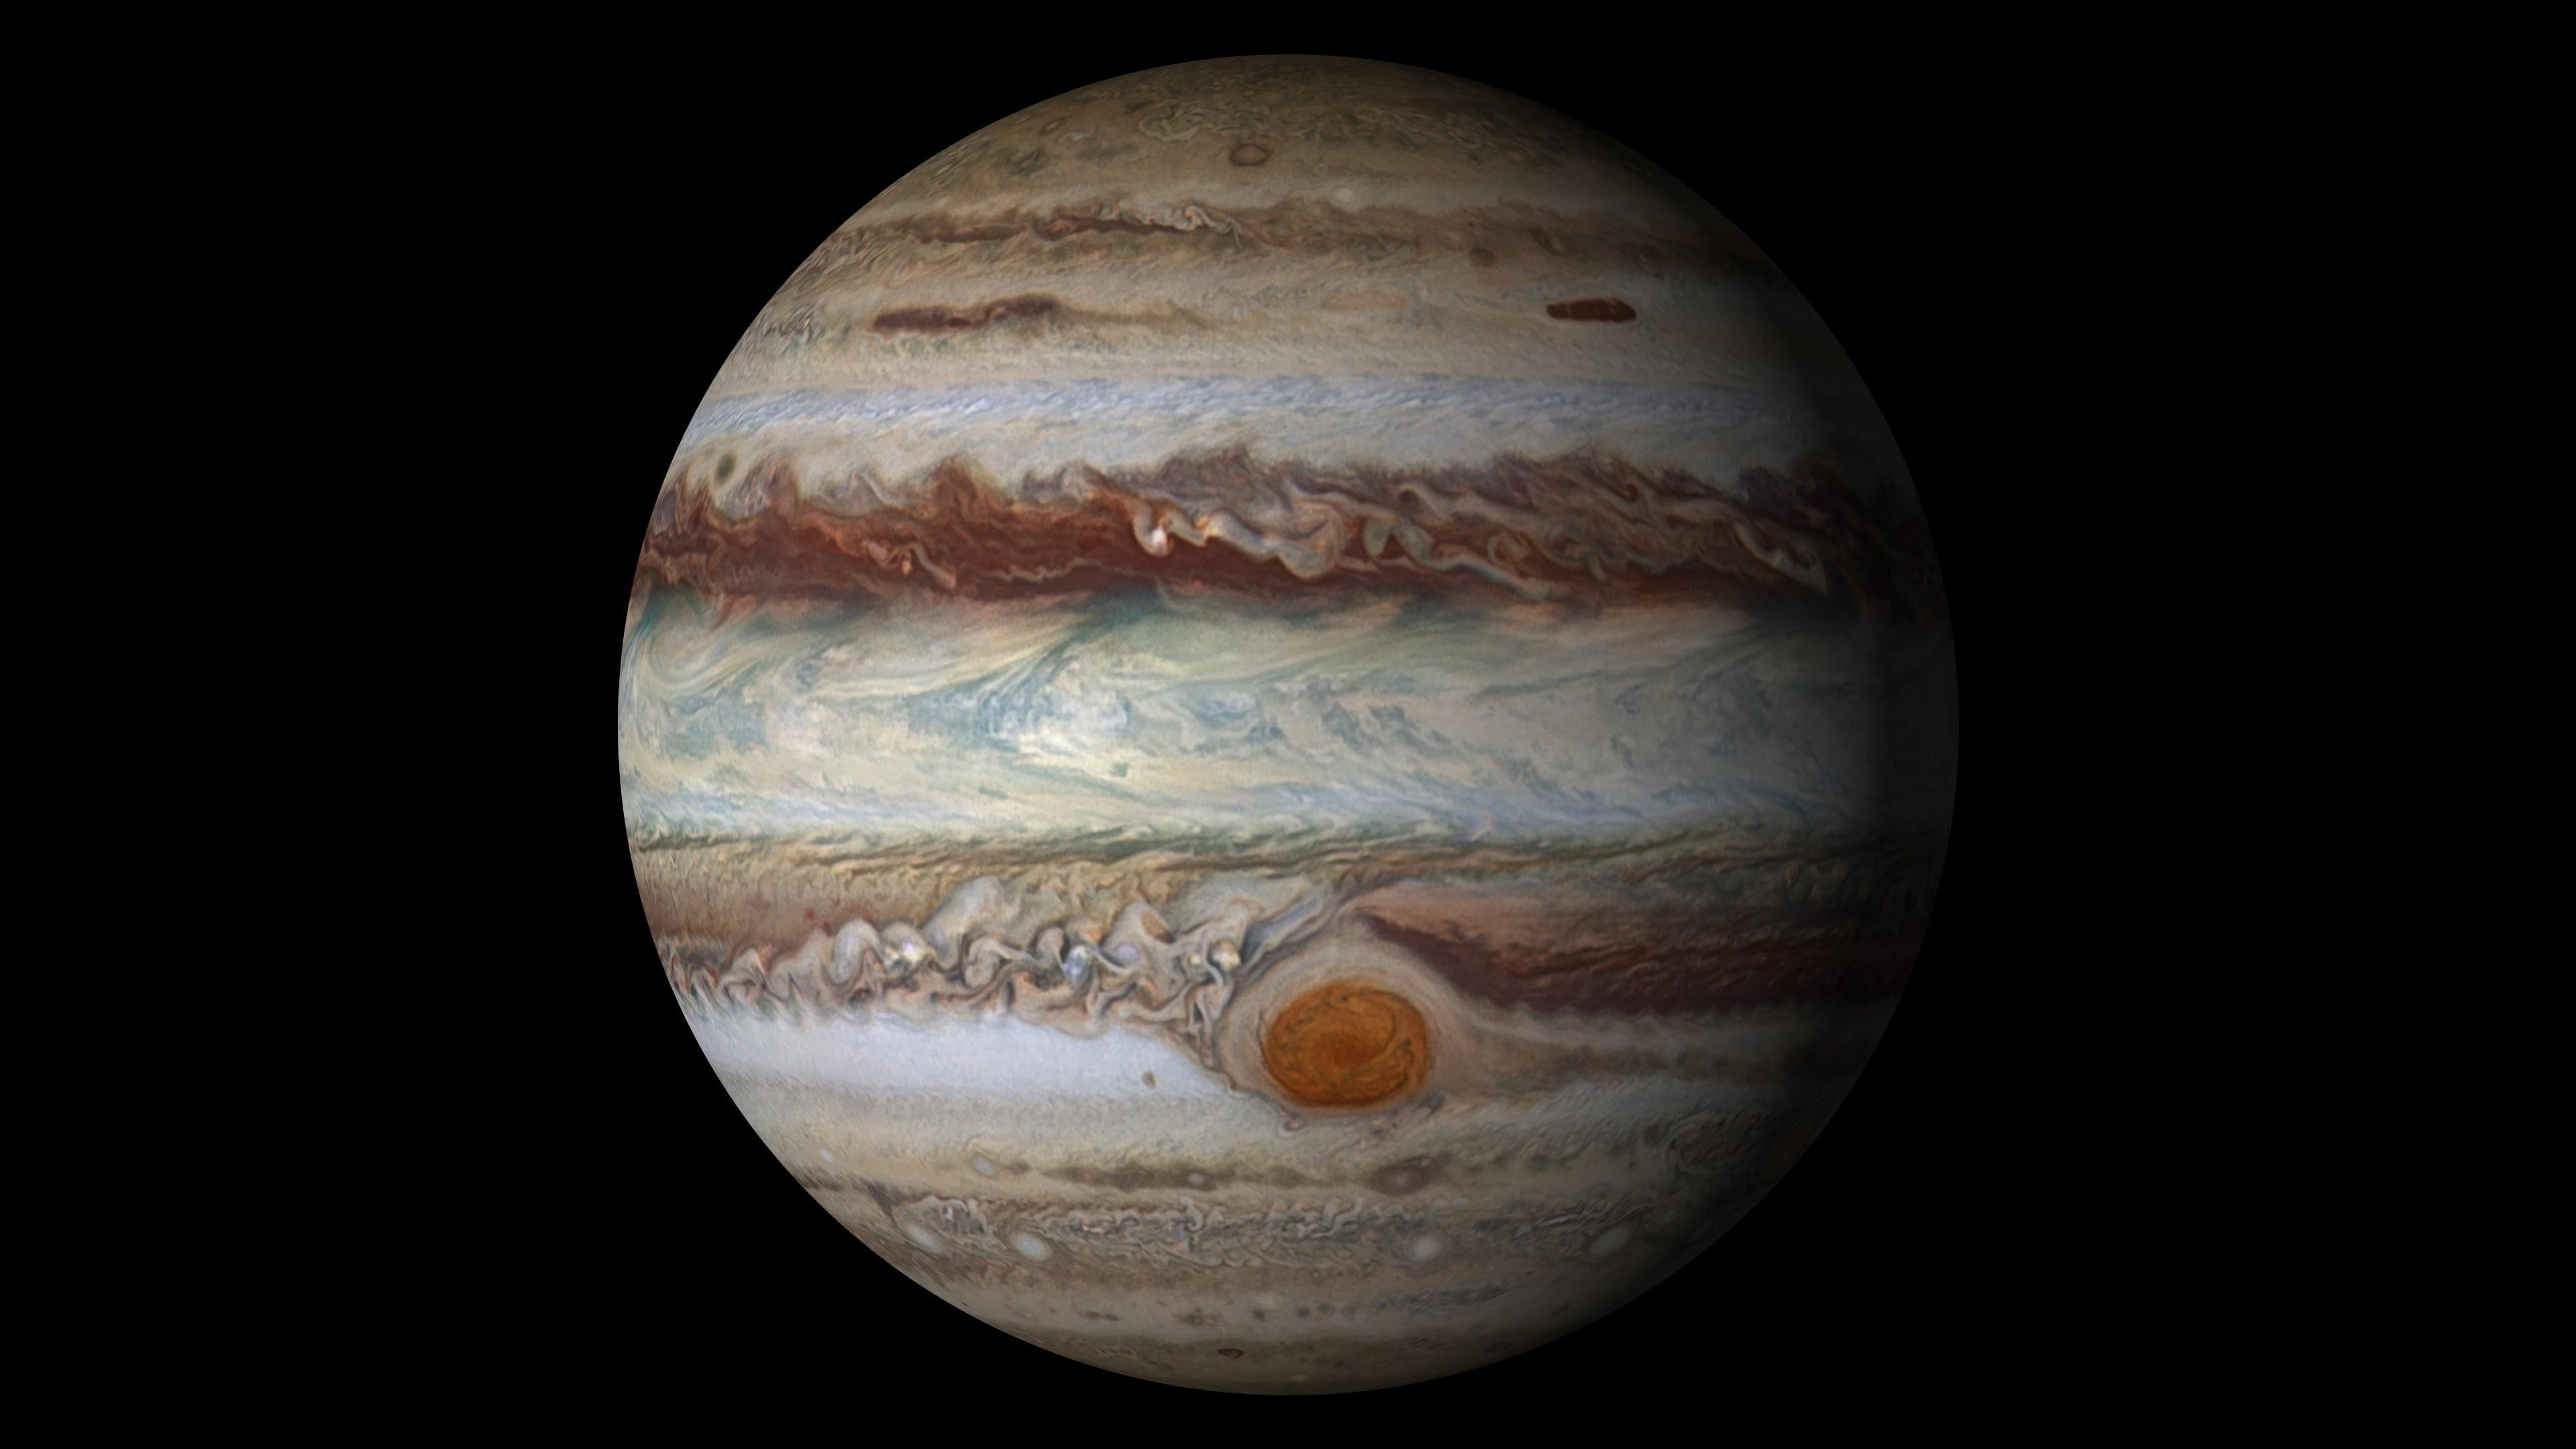 Wallpaper jupiter juno 4k hd nasa space photo - Jupiter wallpaper ...